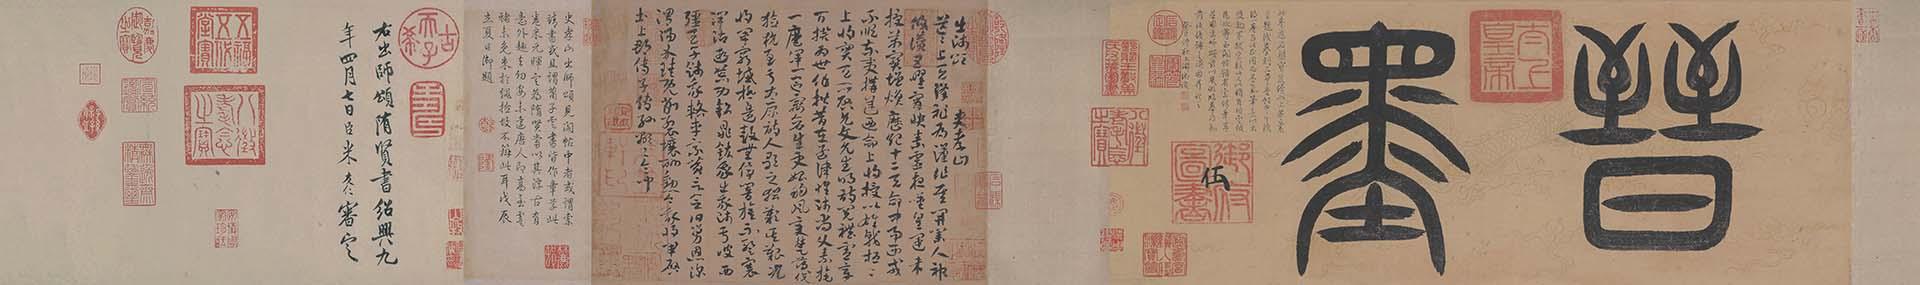 隋 索靖 出师颂 纸本章草书(一版)21.2x127.8